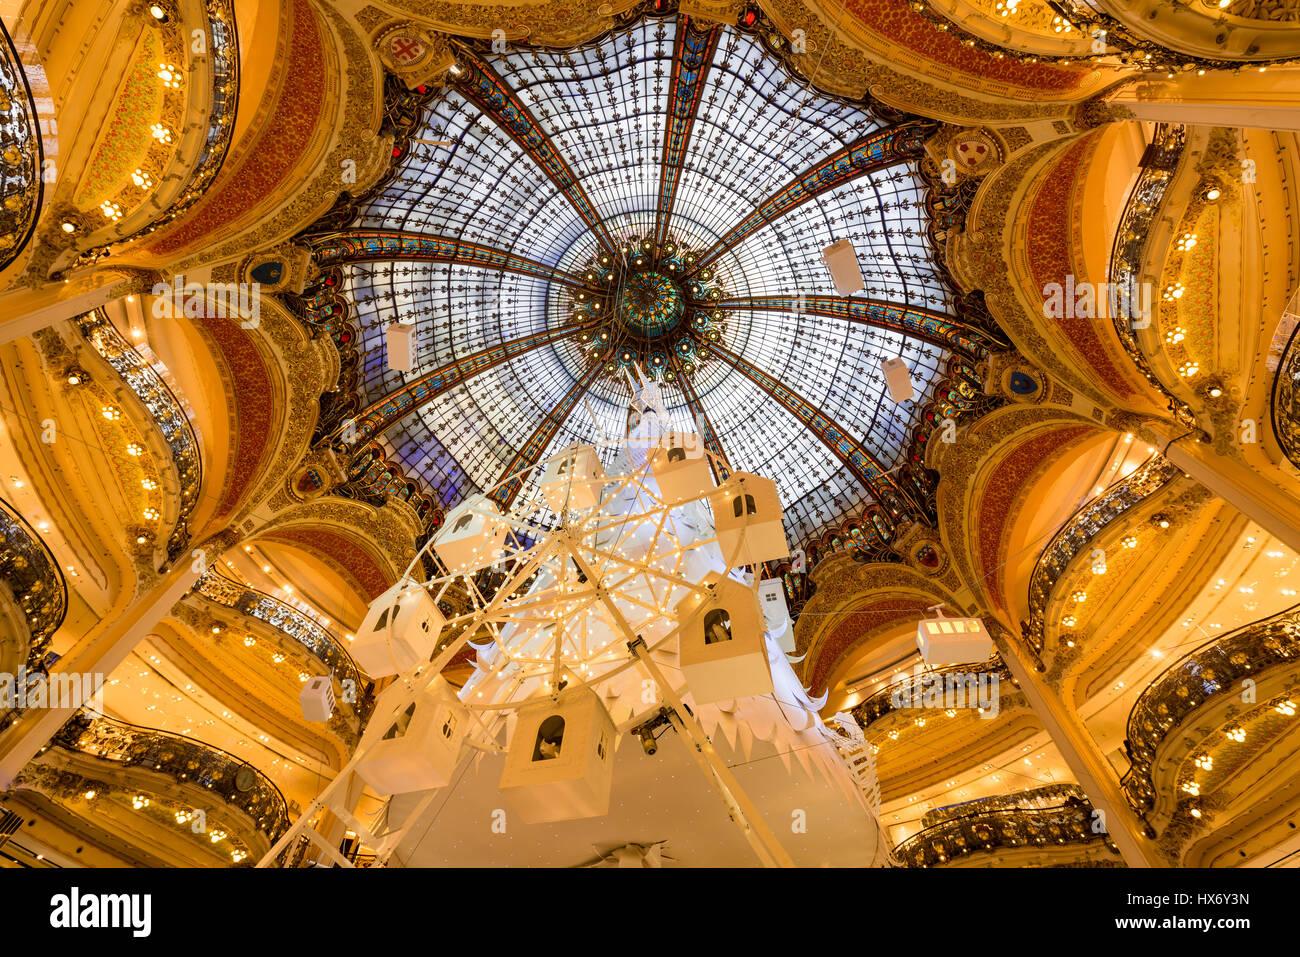 Galerien Lafayette Haussmann Interieur mit Glaskuppel zu Weihnachten. Paris, Frankreich Stockbild